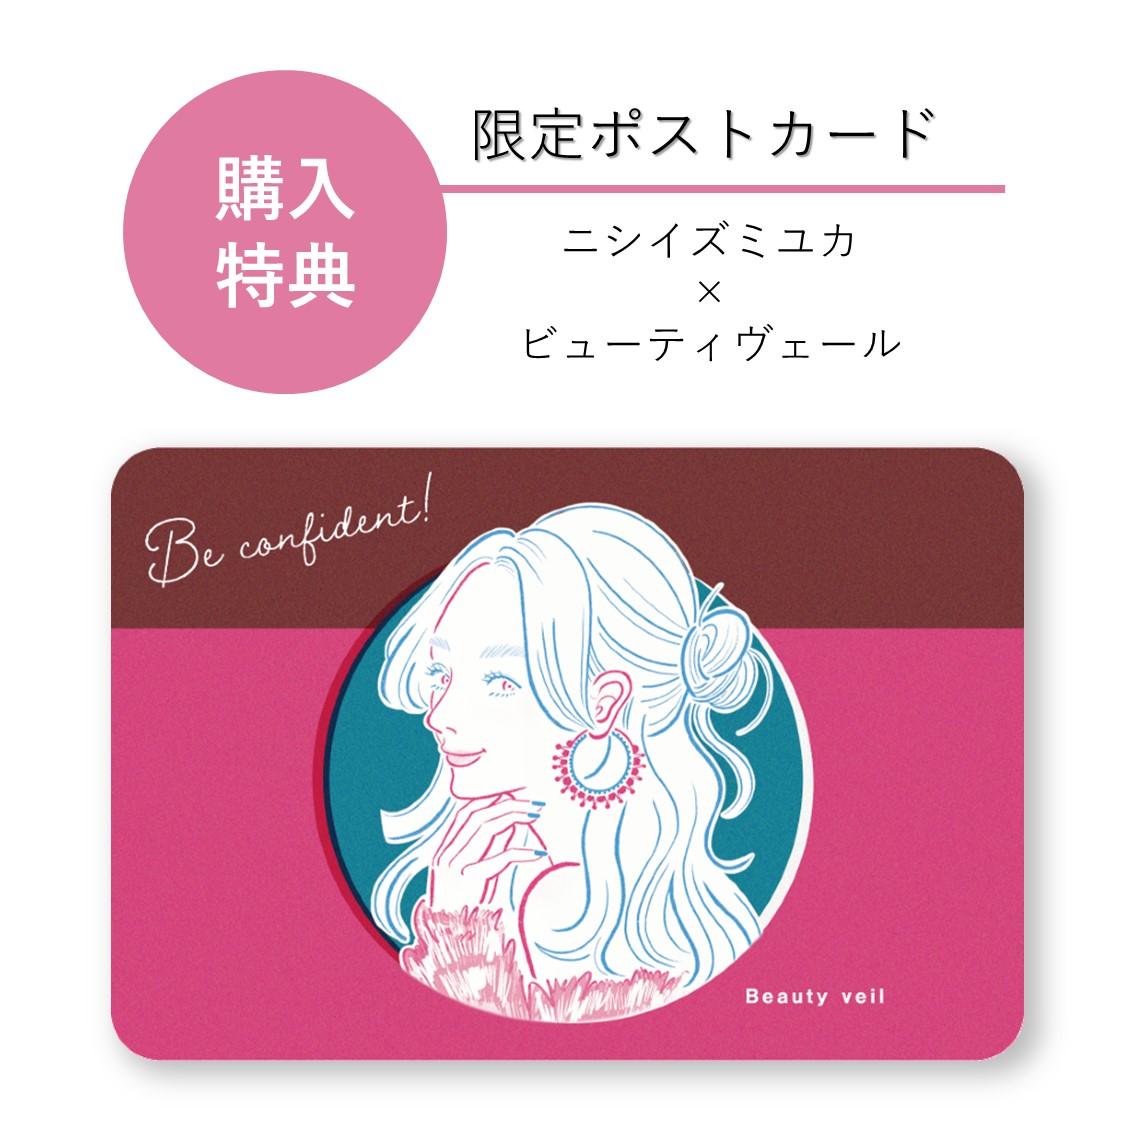 ビューティヴェール メイクキープスプレー 金木犀の香り 【限定ポストカード付き】